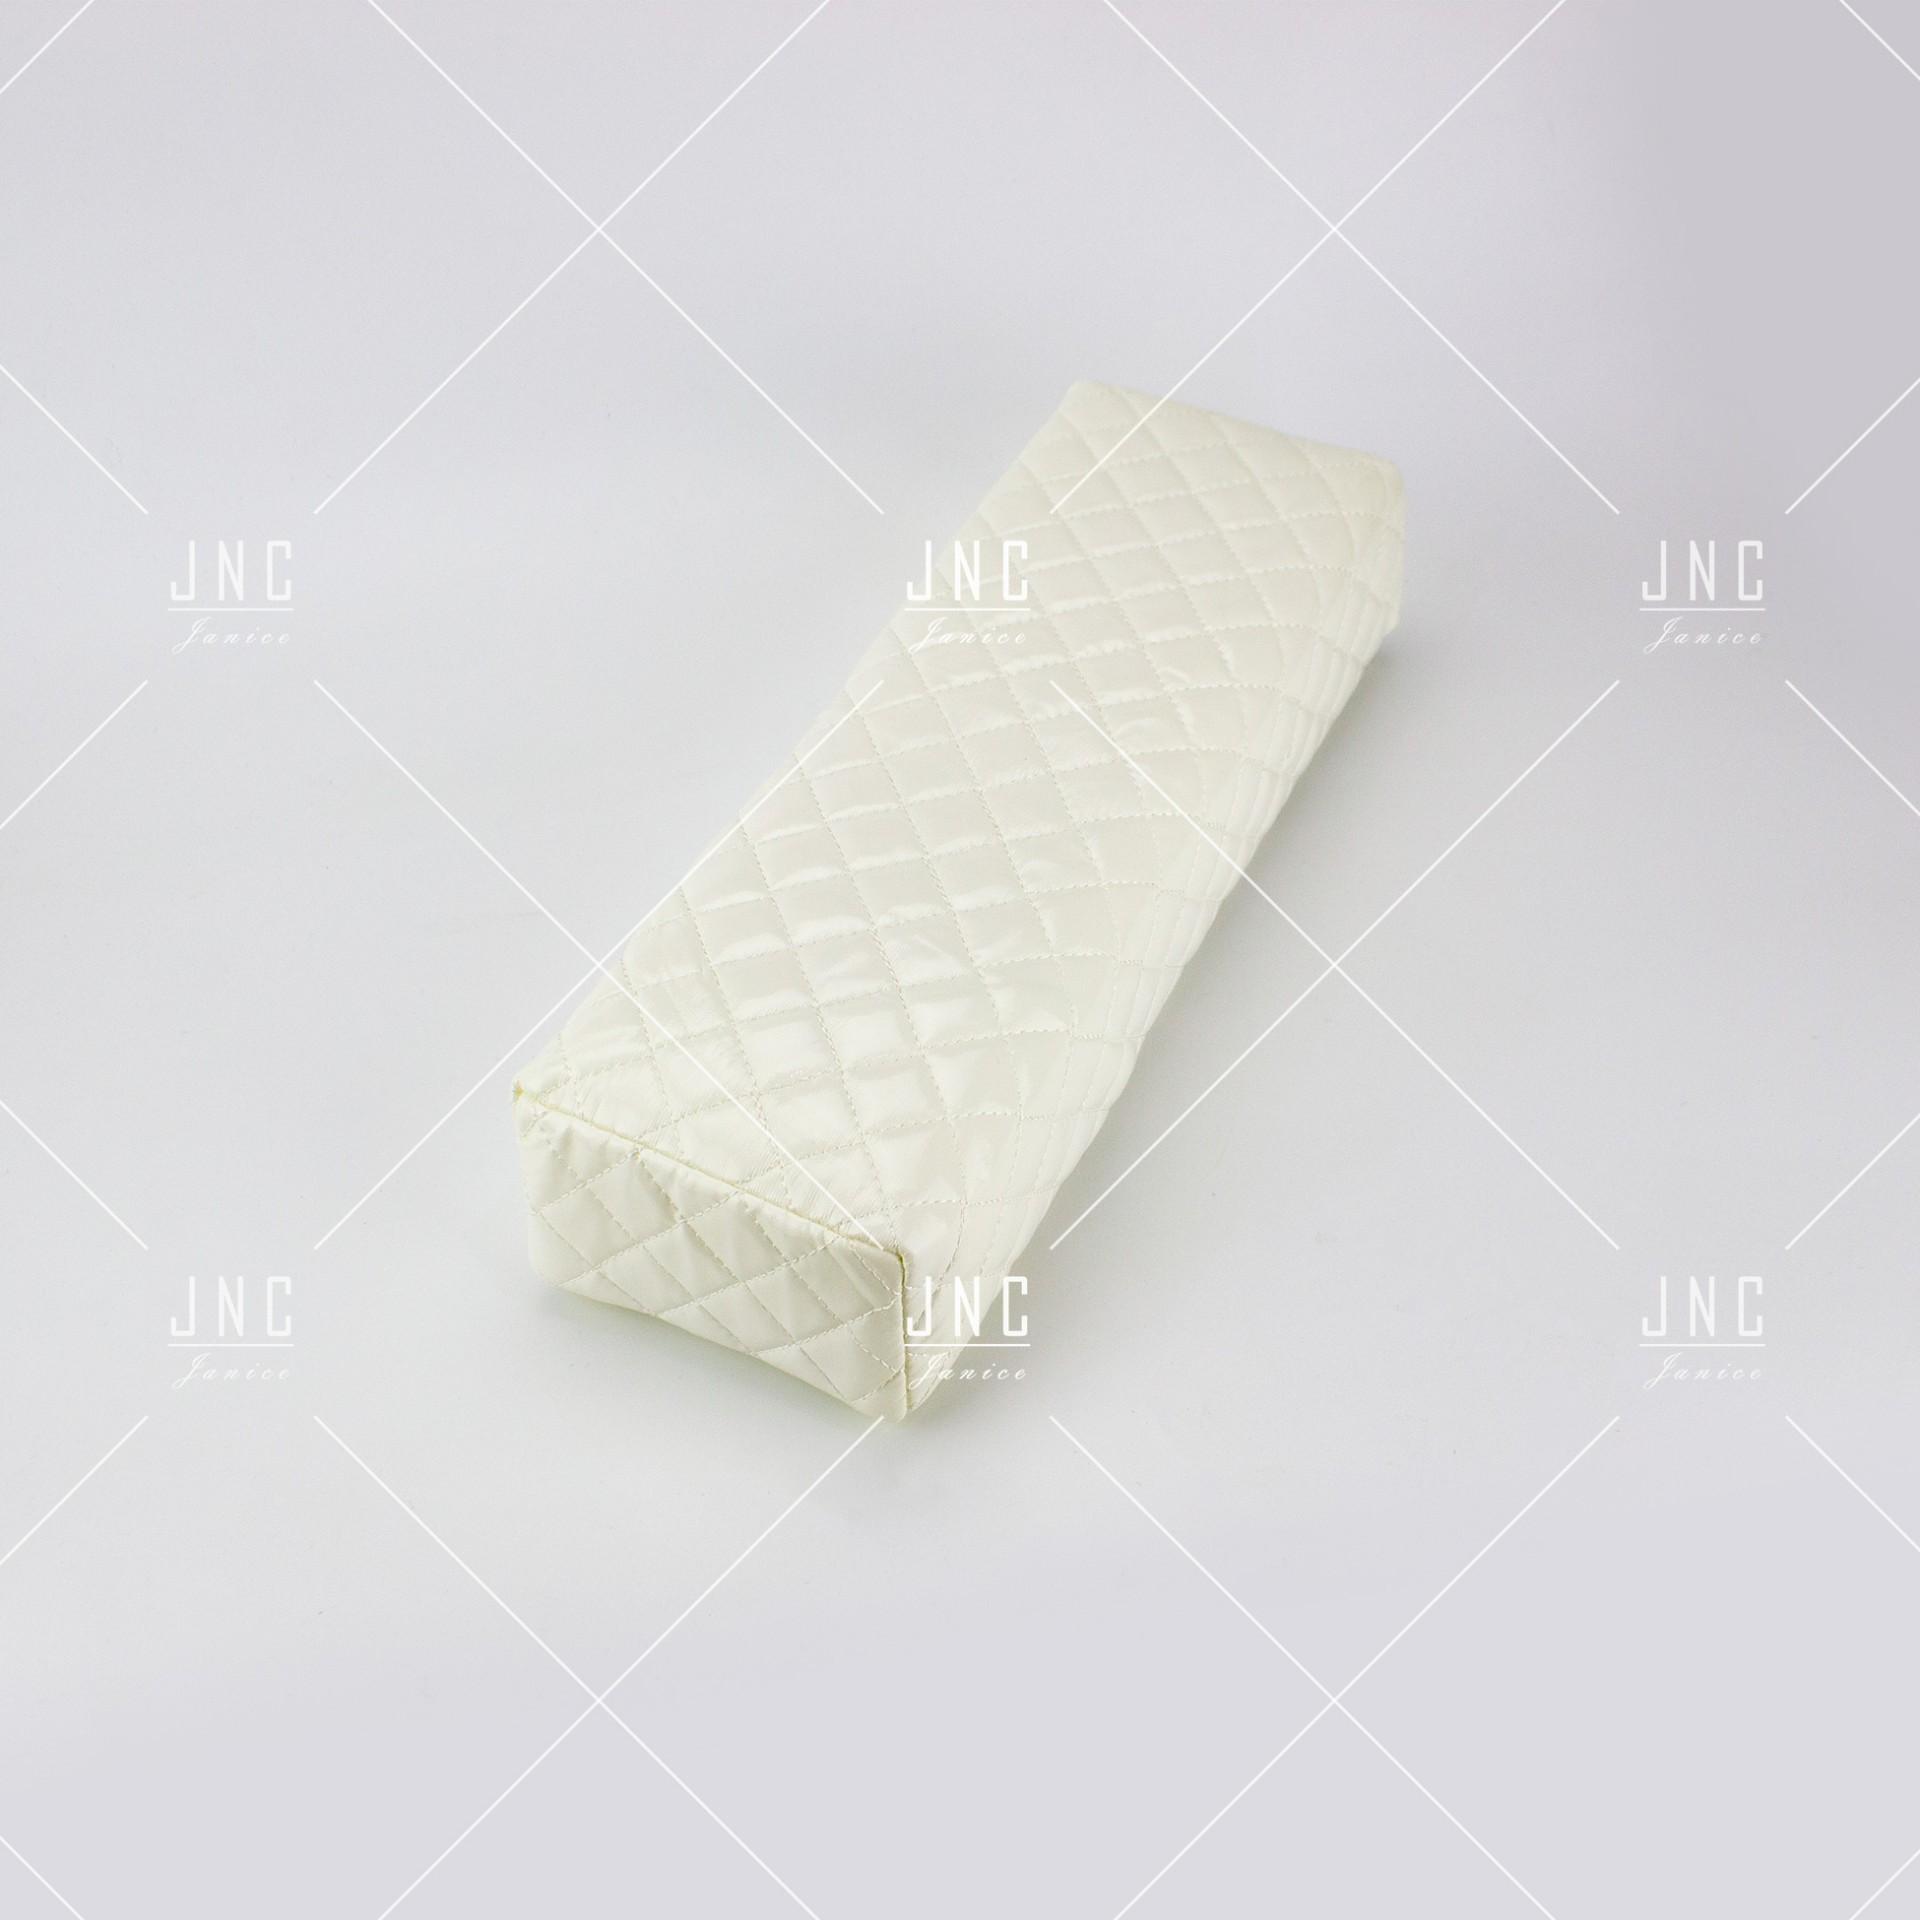 Almofada para apoio - Modelo B | Ref.861539